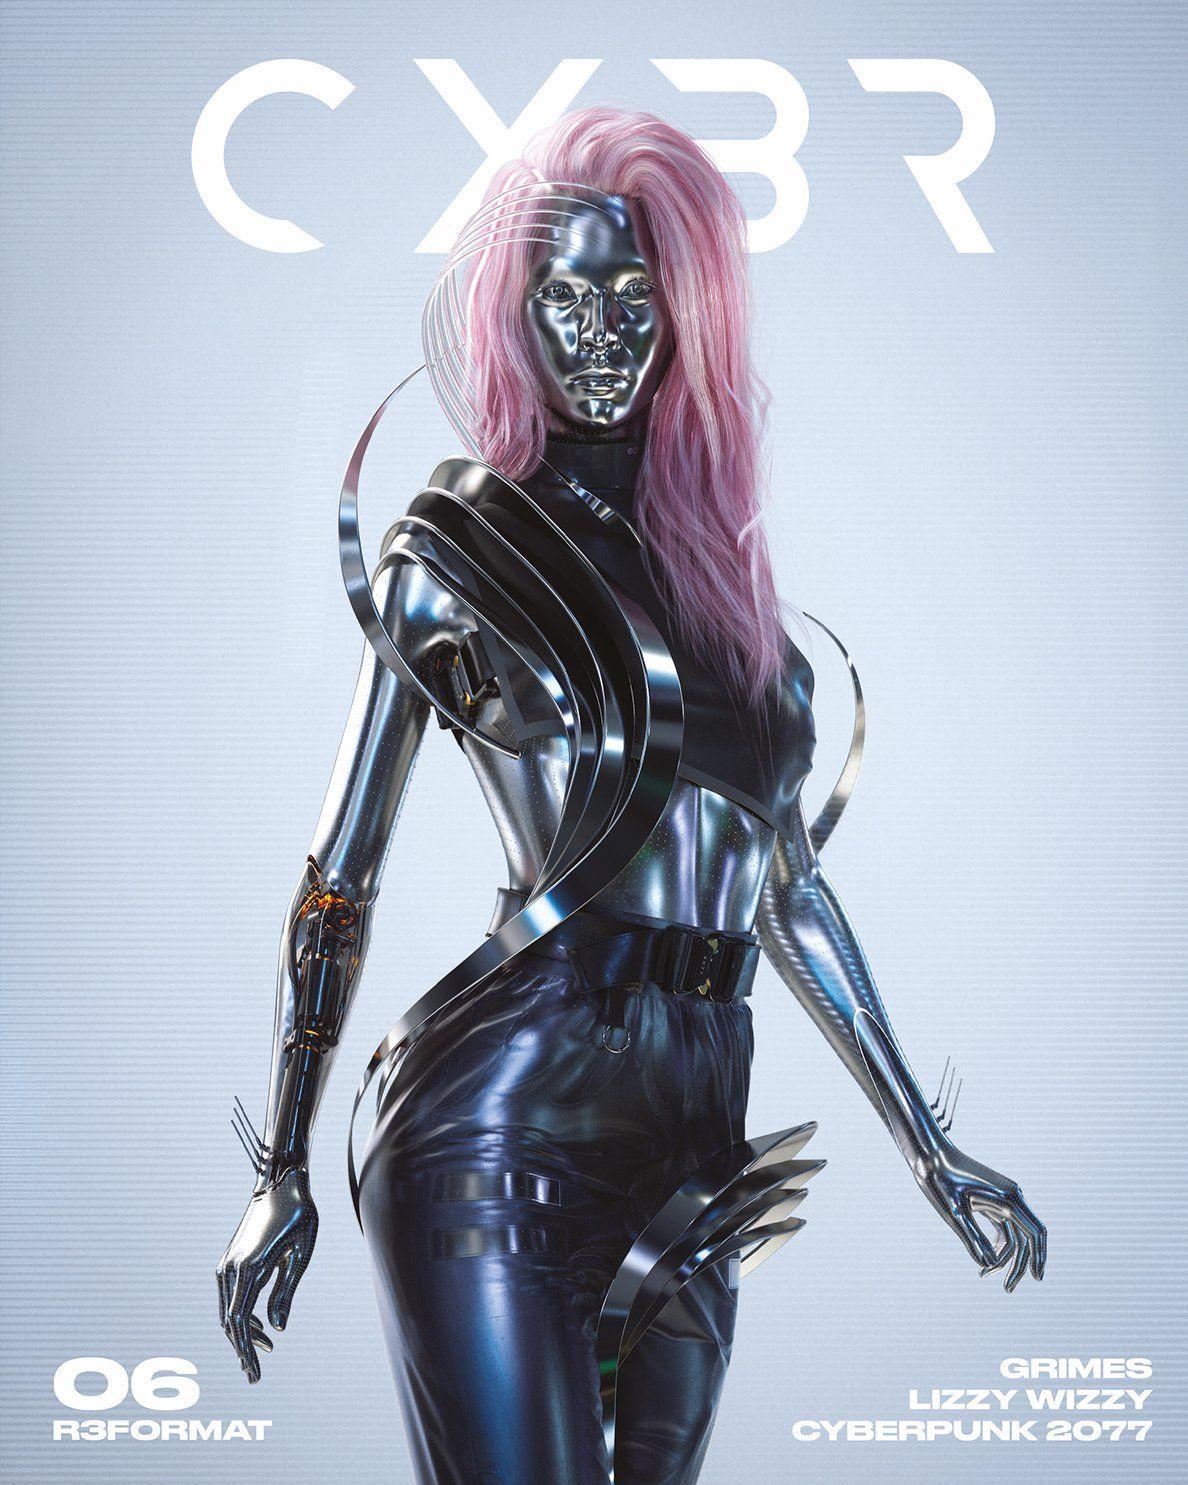 Cyberpunk 2077 Lizzy Wizzy Kazuliski in 2020 | Cyberpunk ...